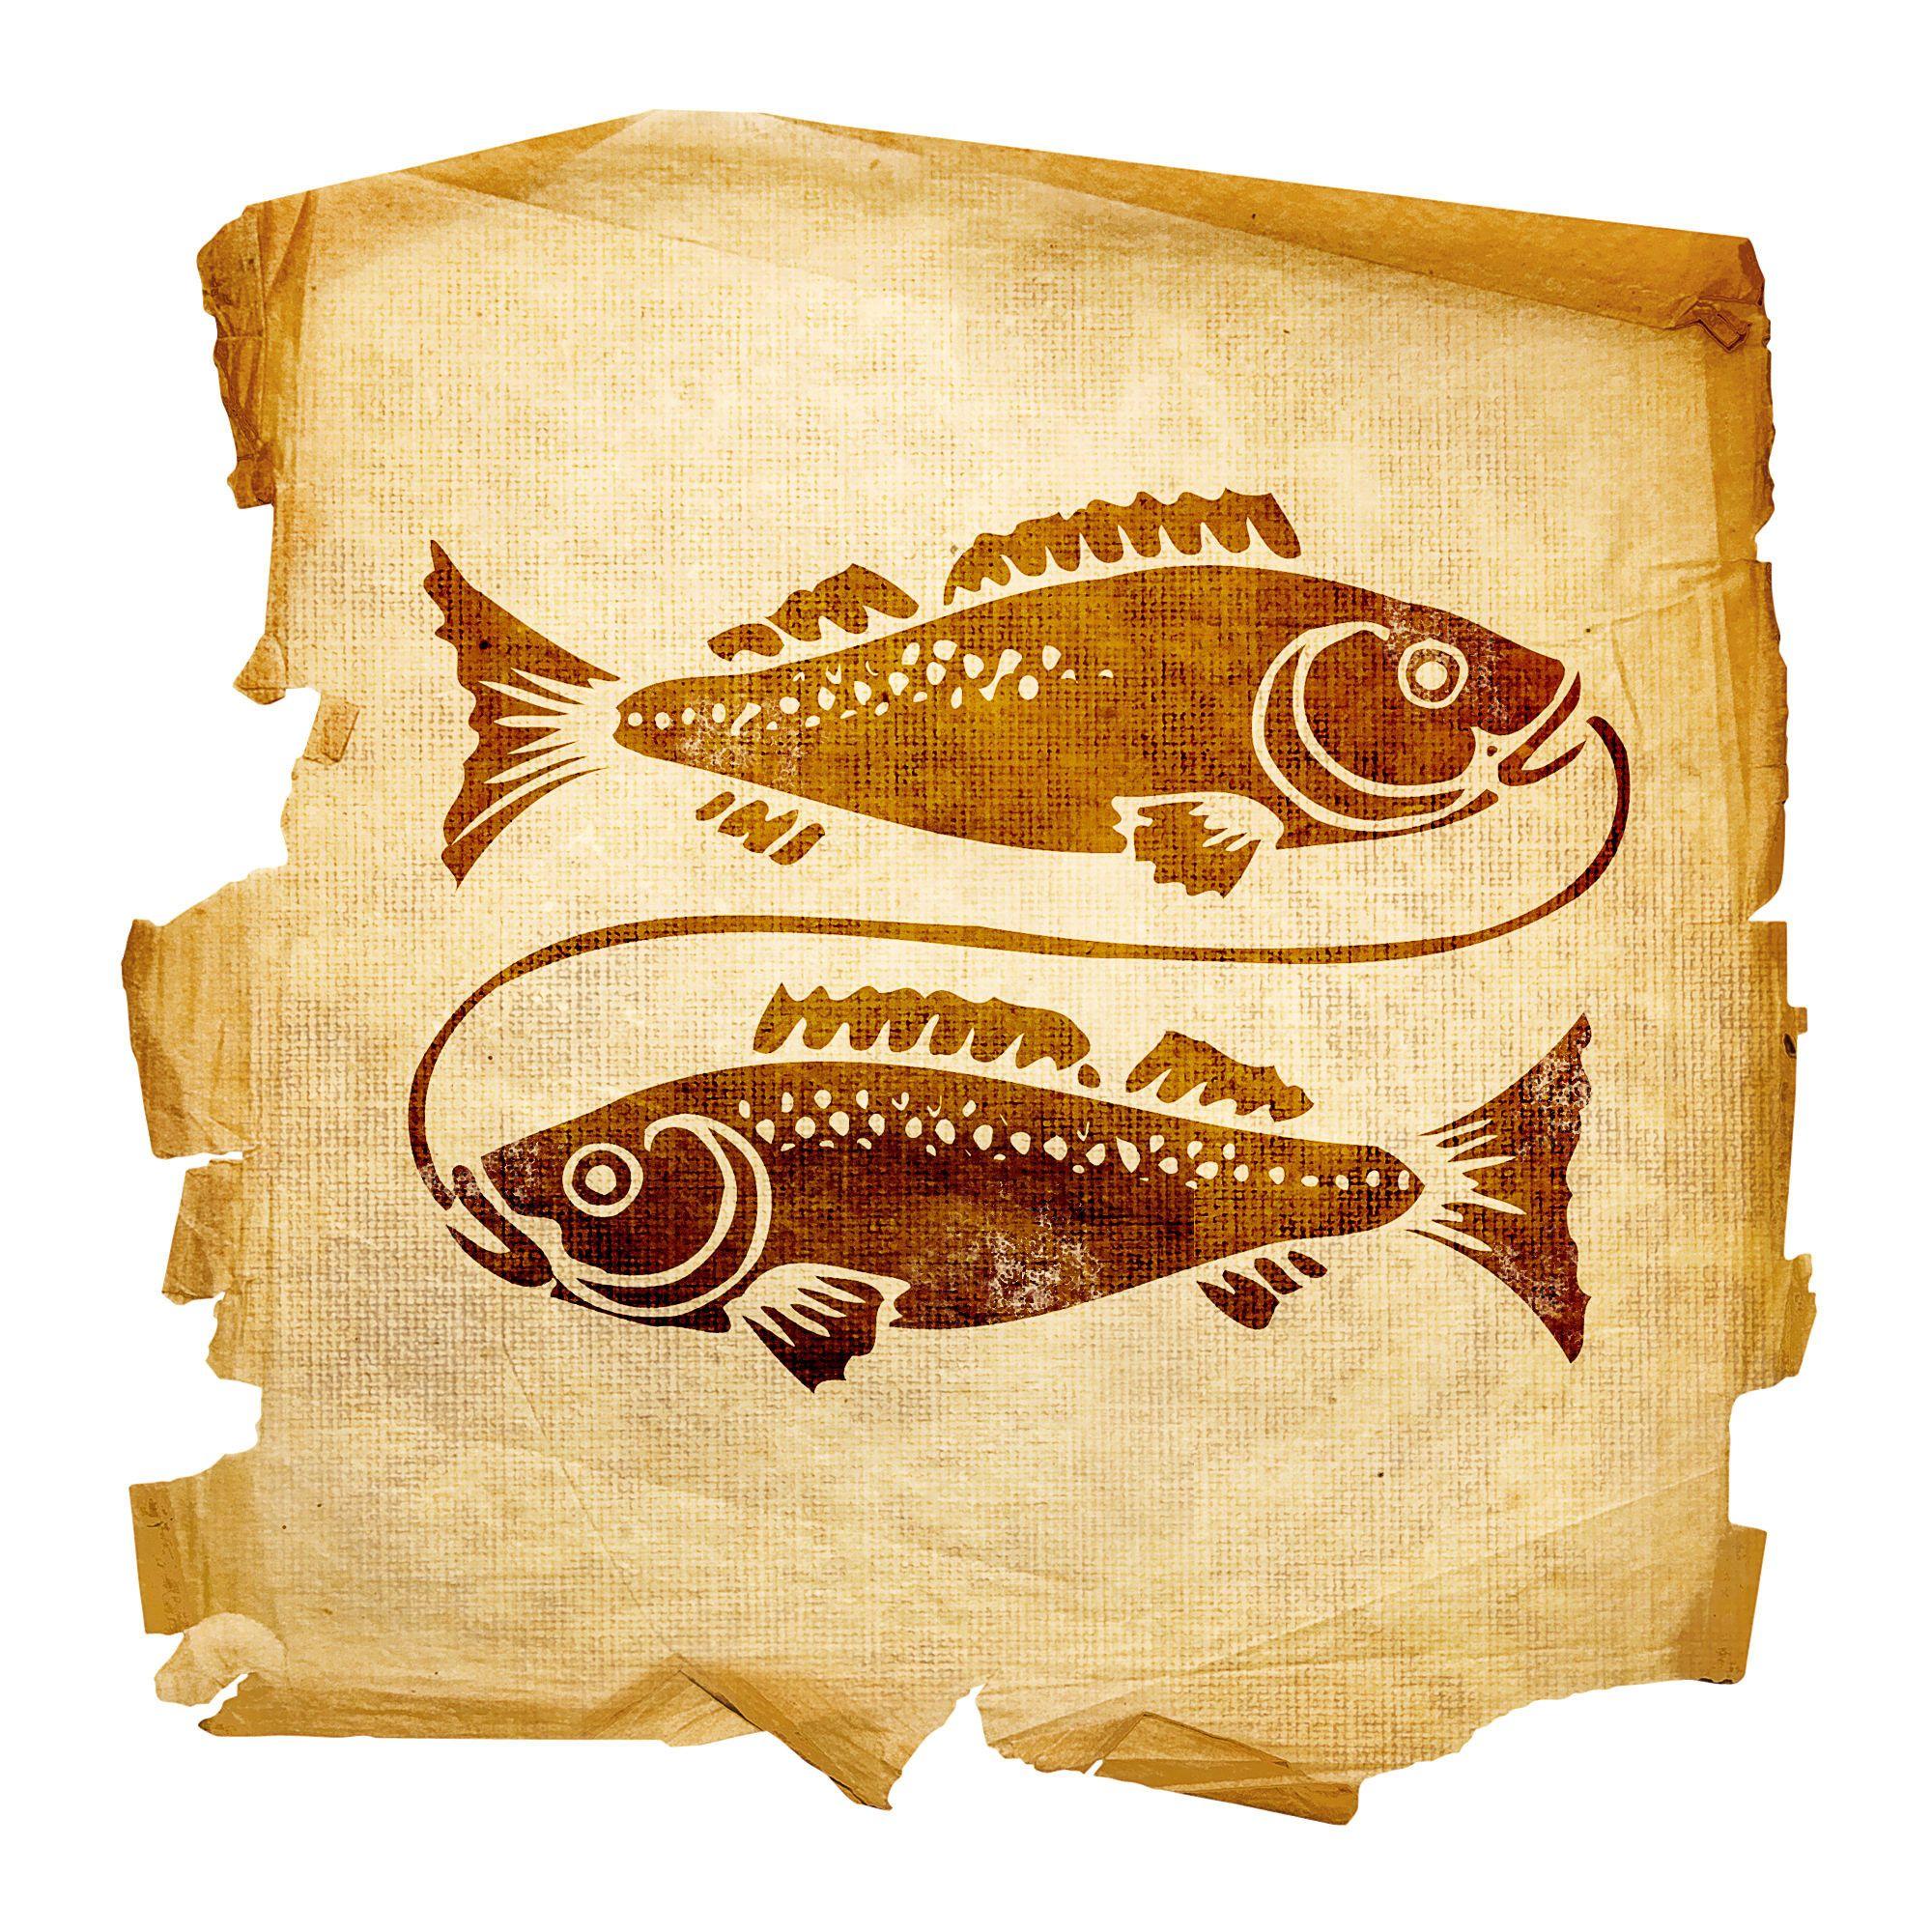 Знаки, гороскоп, гороскоп на сьогодні, гороскоп на сьогодні, знаки зодіаку, 12 знаків зодіаку, гороскоп на завтра, риби, гороскоп на сьогодні для Риб, прогнози Astro-11